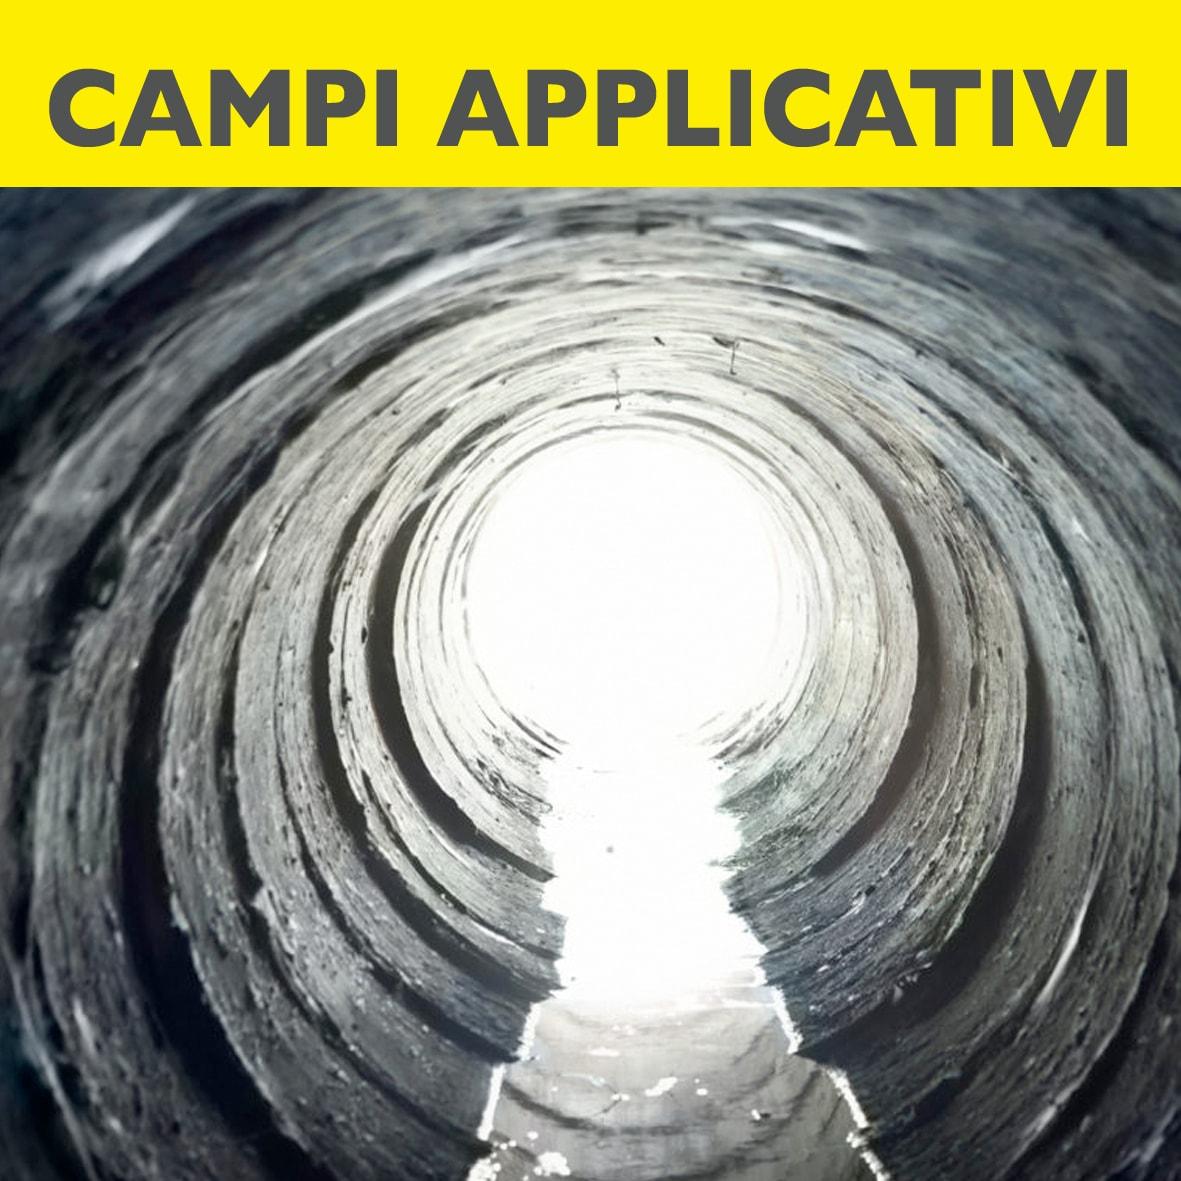 Campi applicativi Spazi confinati a Brescia